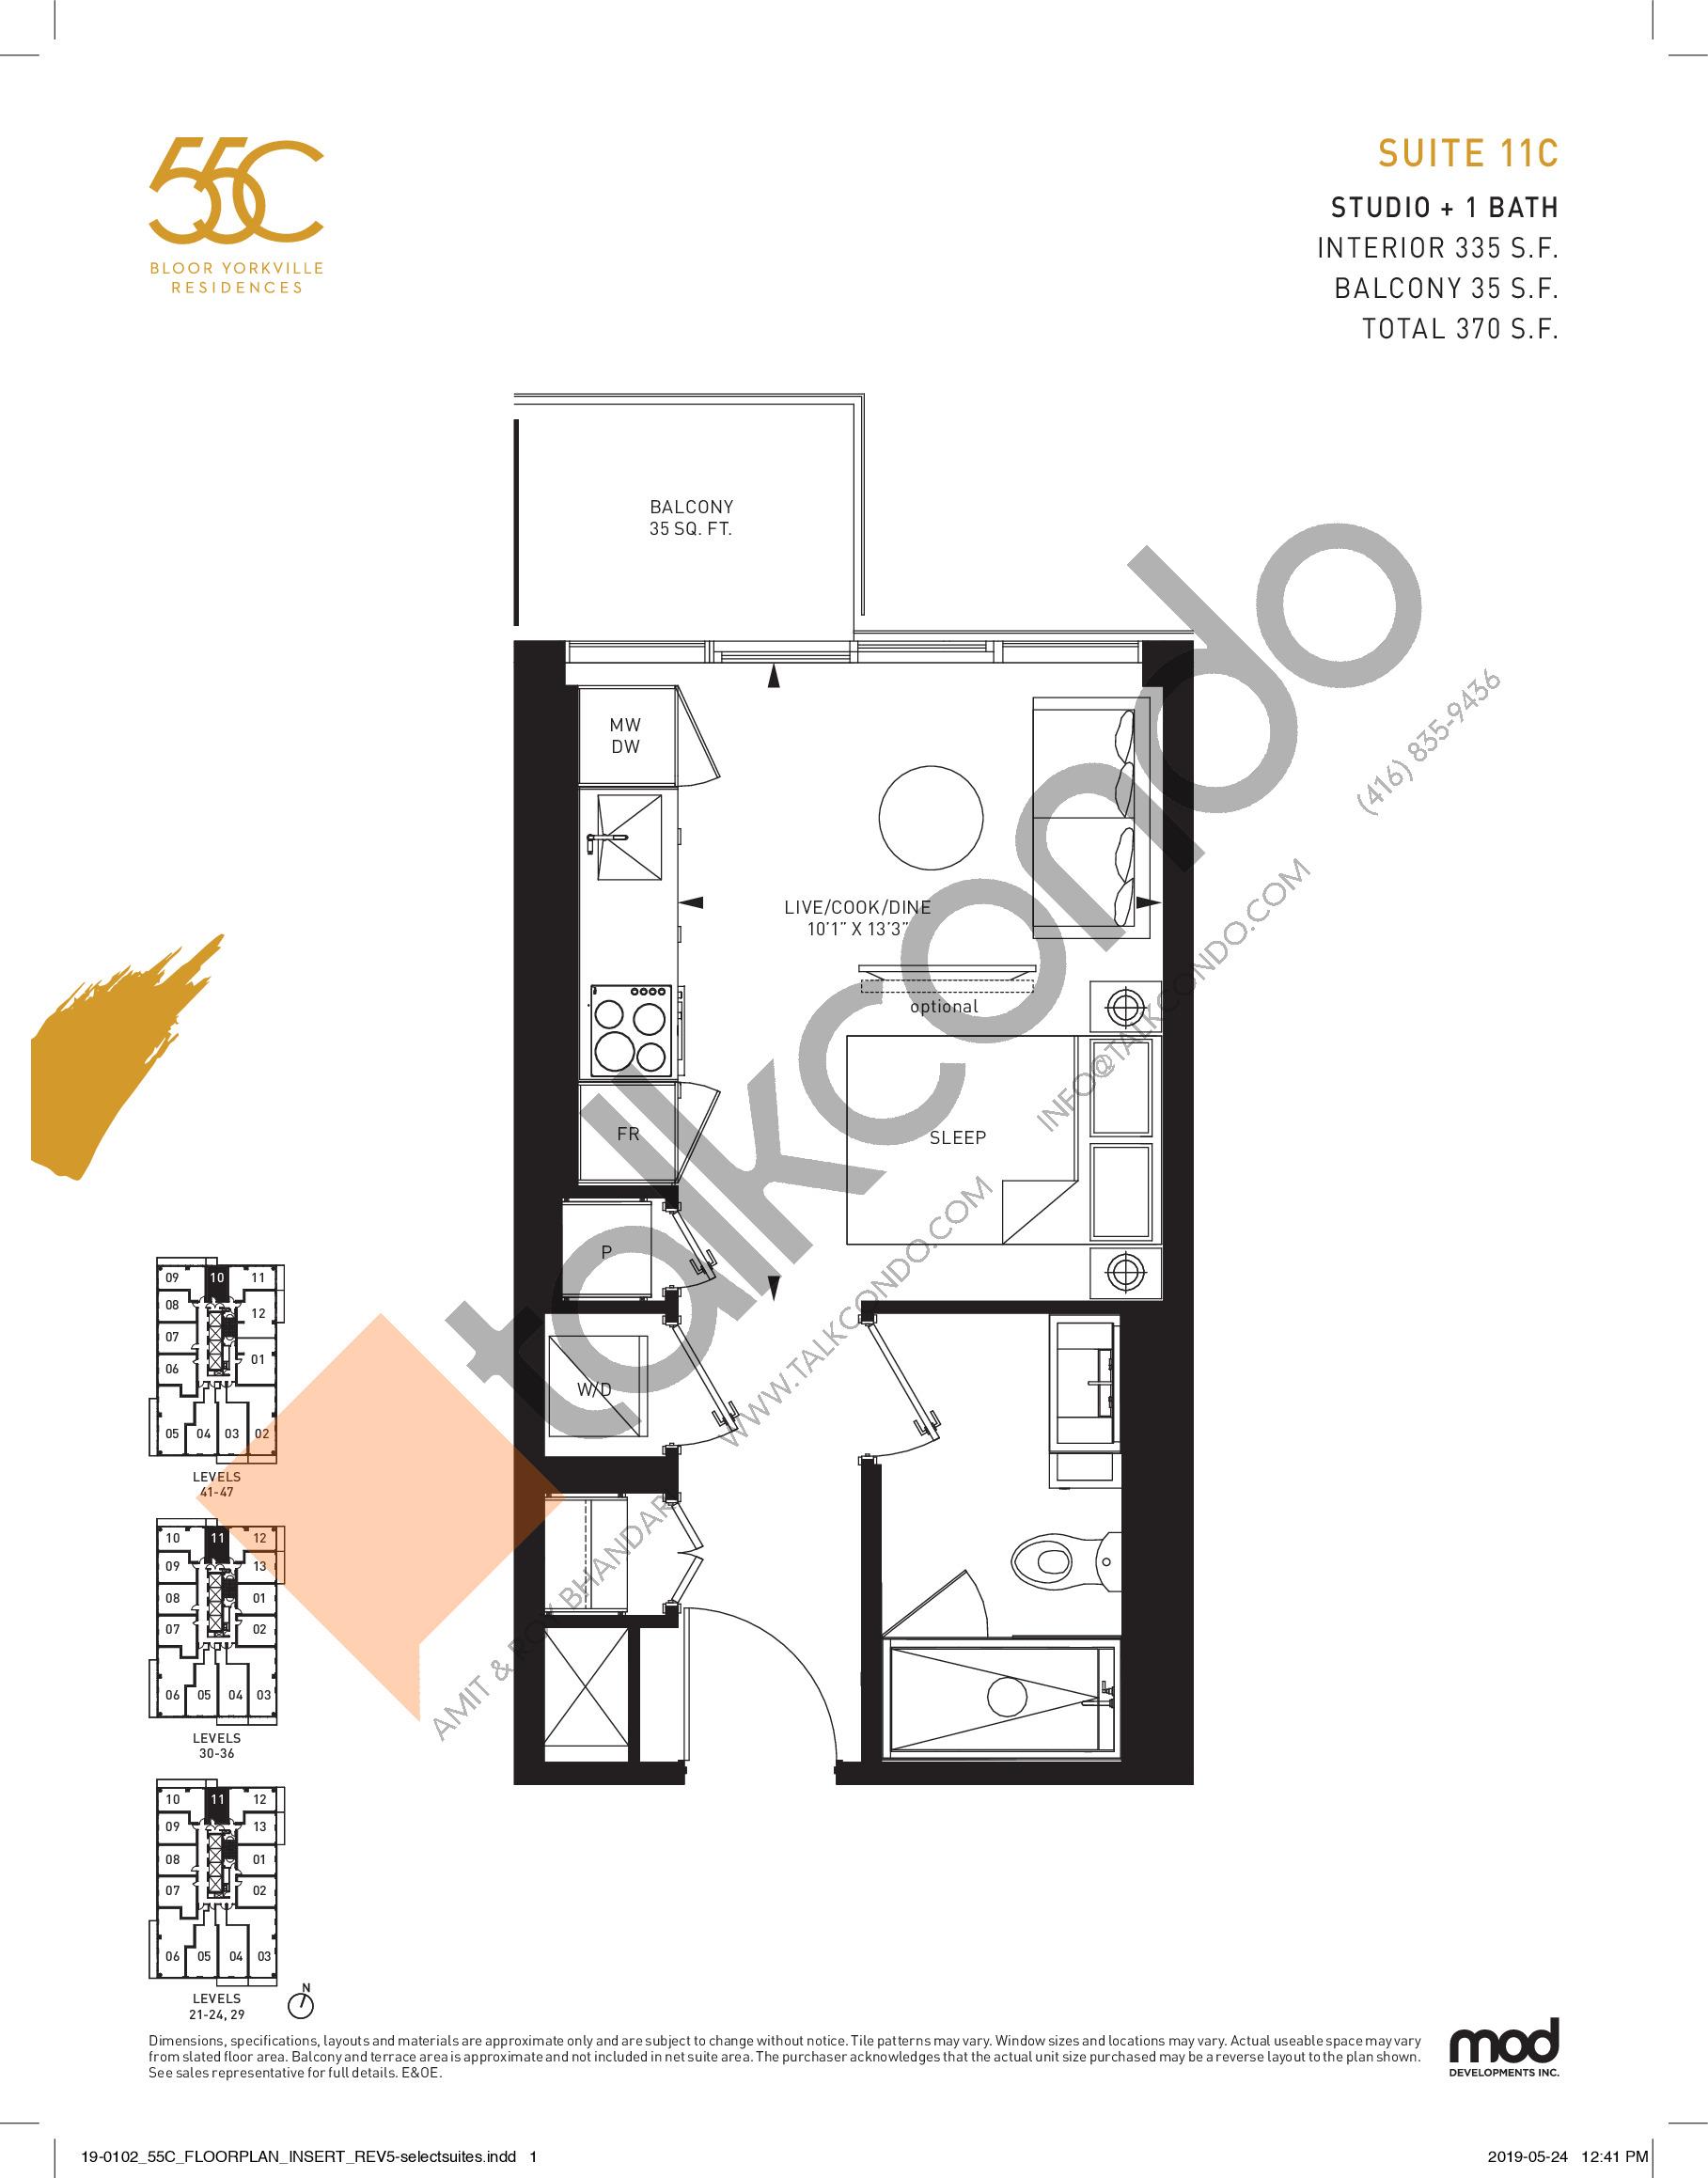 Suite 11C Floor Plan at 55C Condos - 335 sq.ft